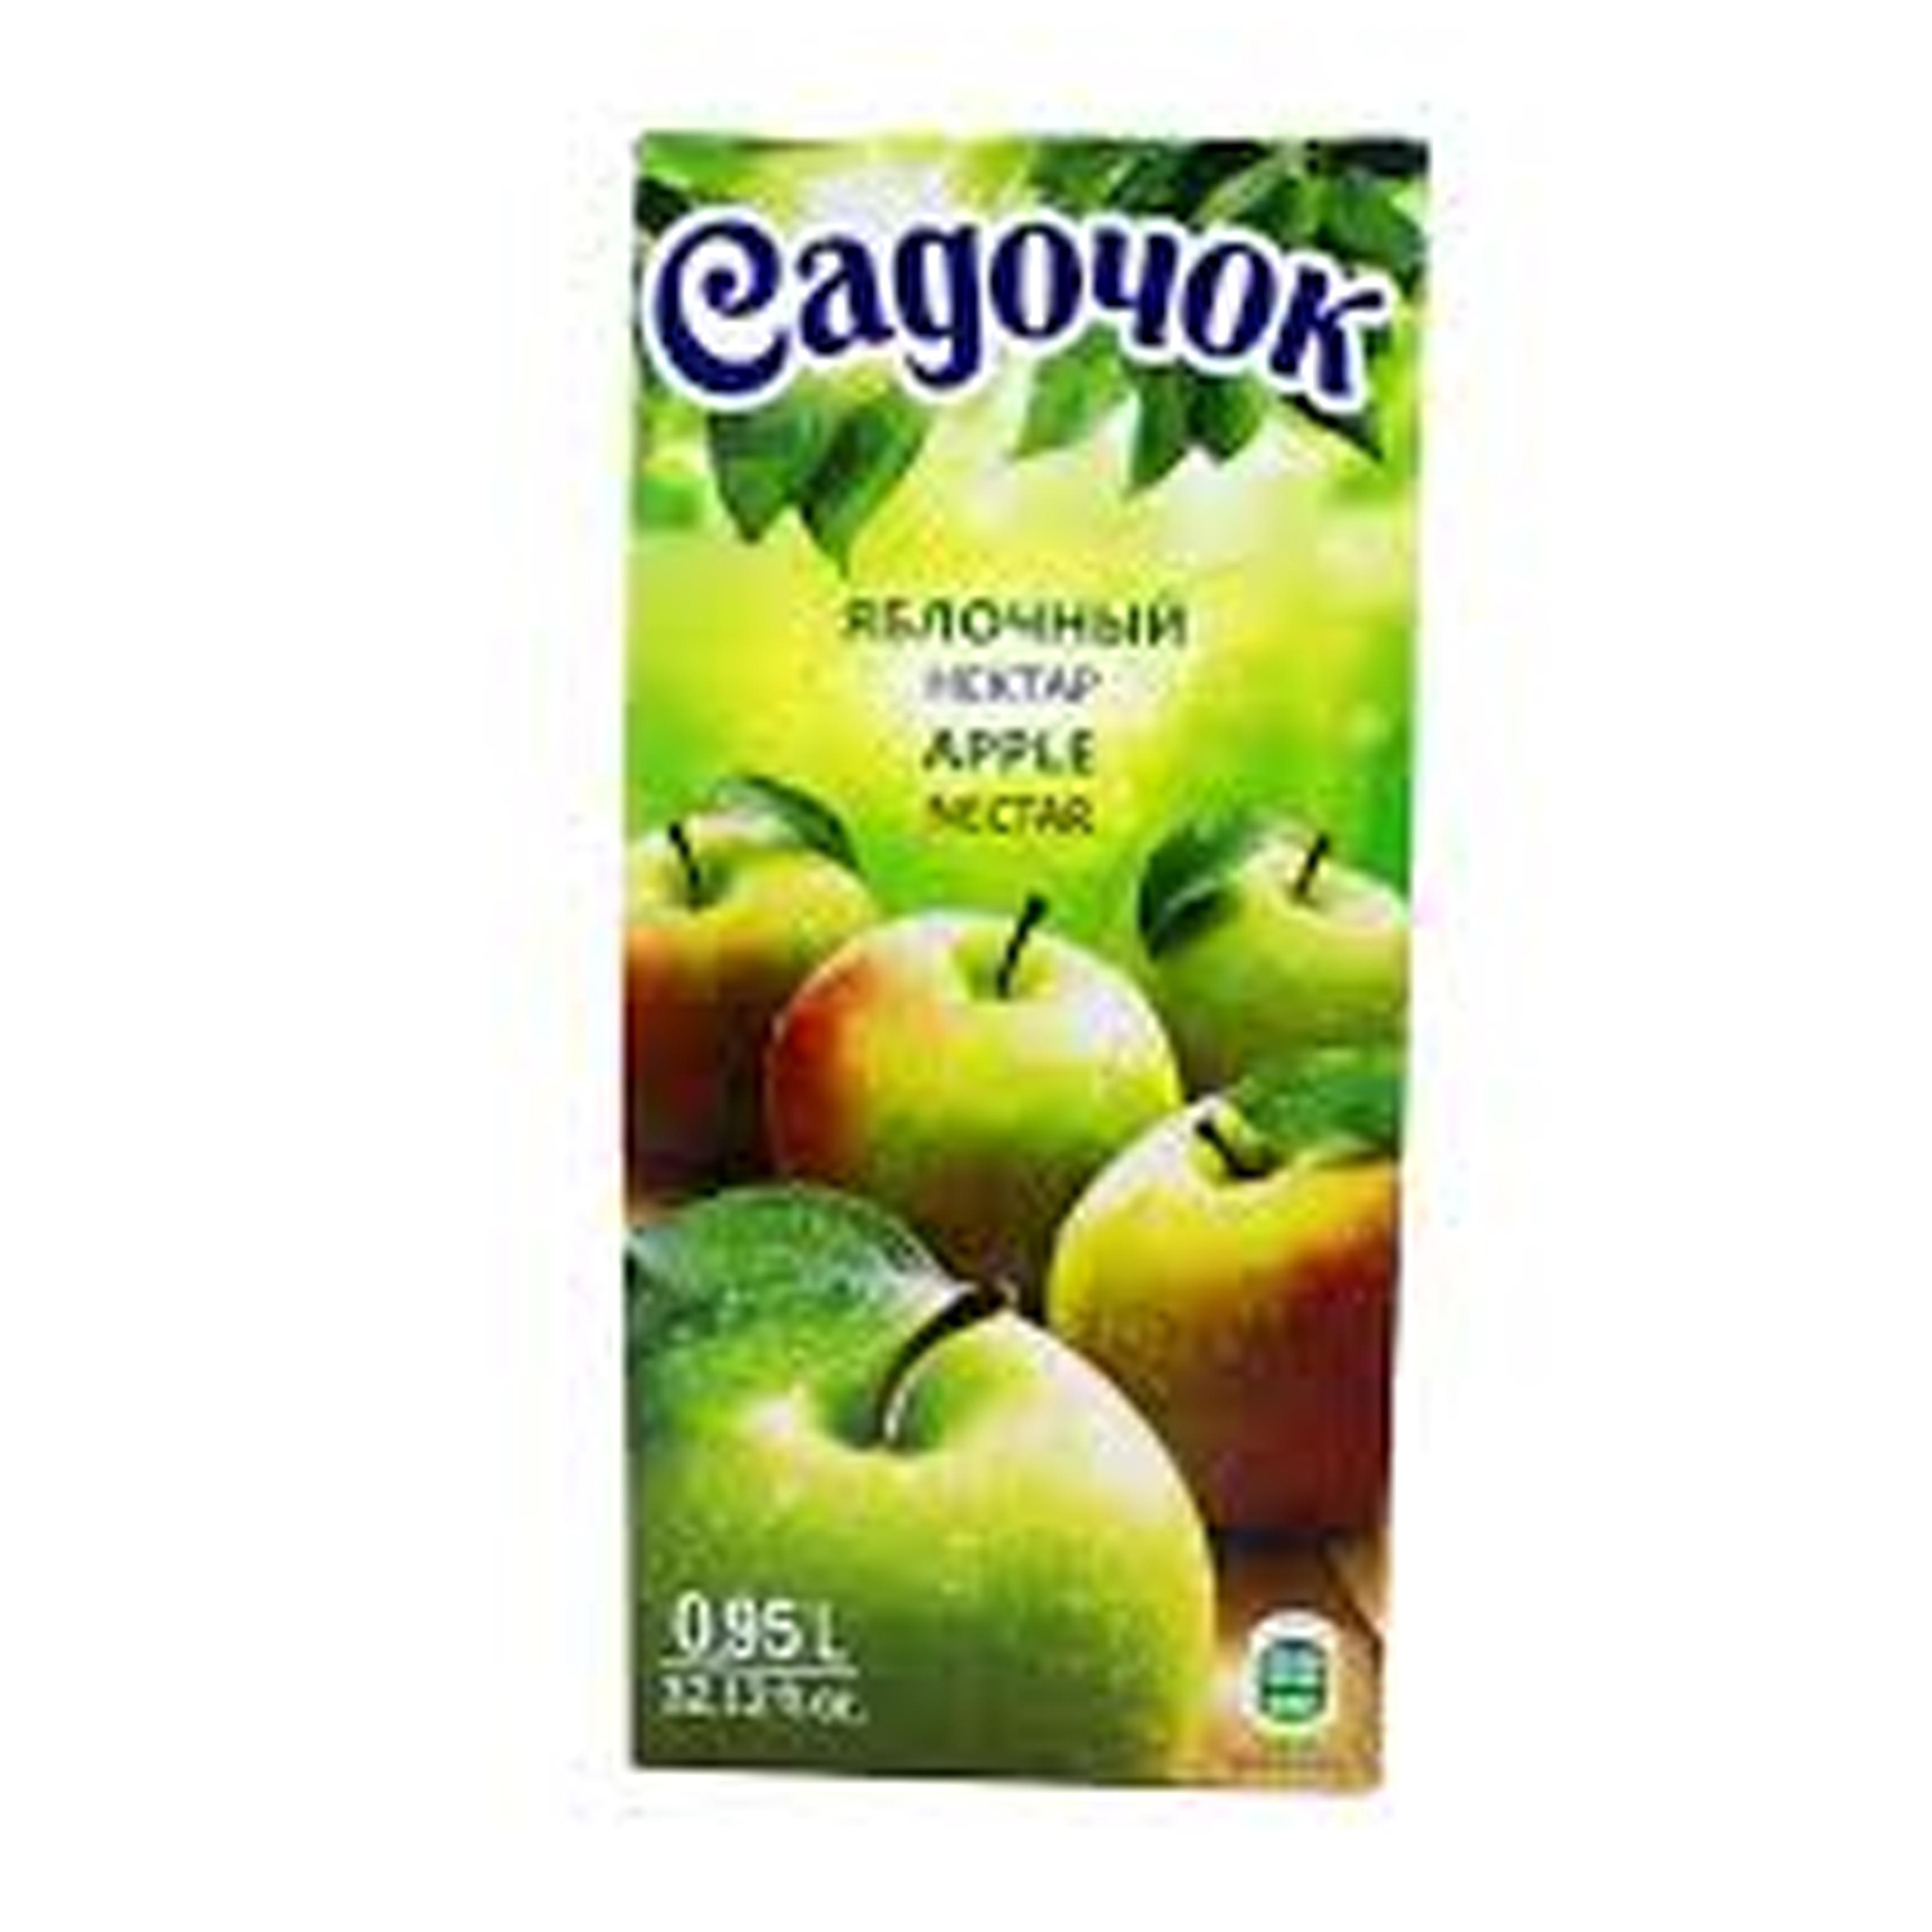 0.95ლ ვაშლი Садочок/წვენი